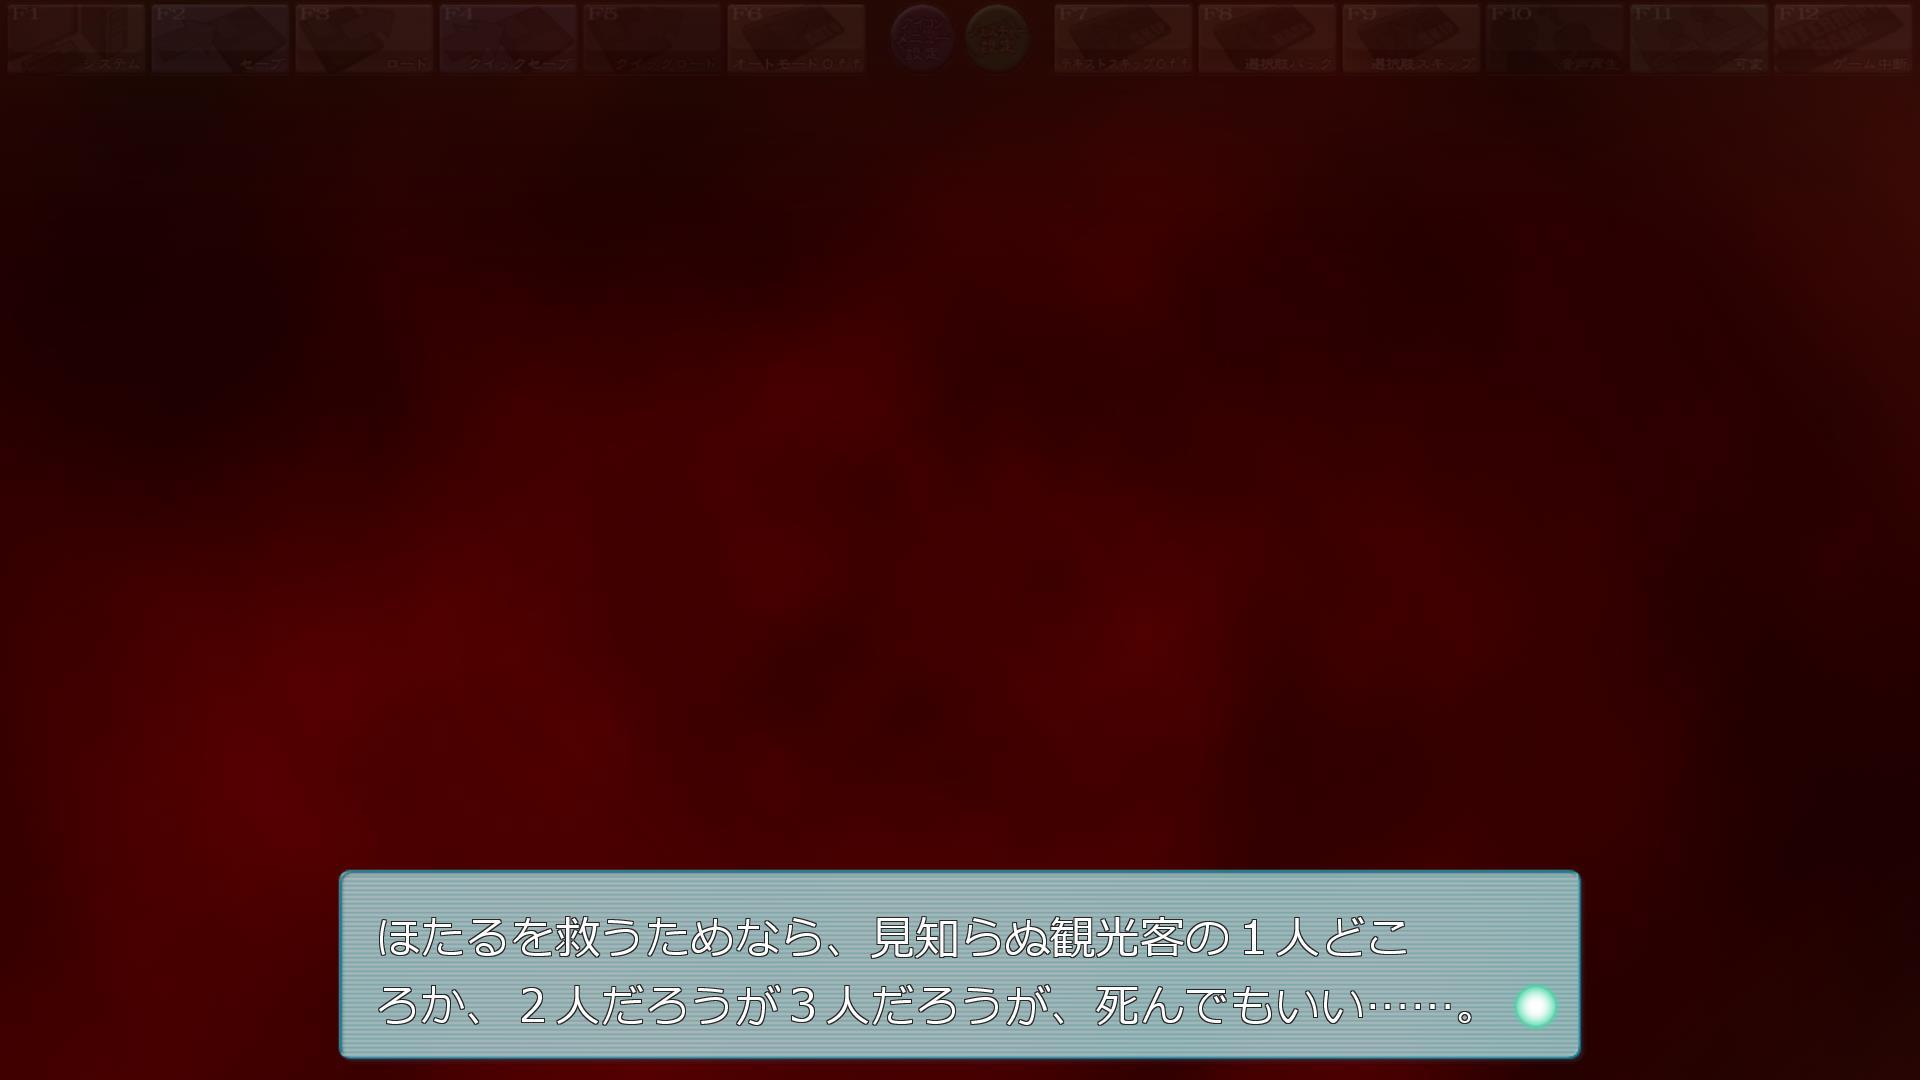 screeenshot-20200626165822259.jpg